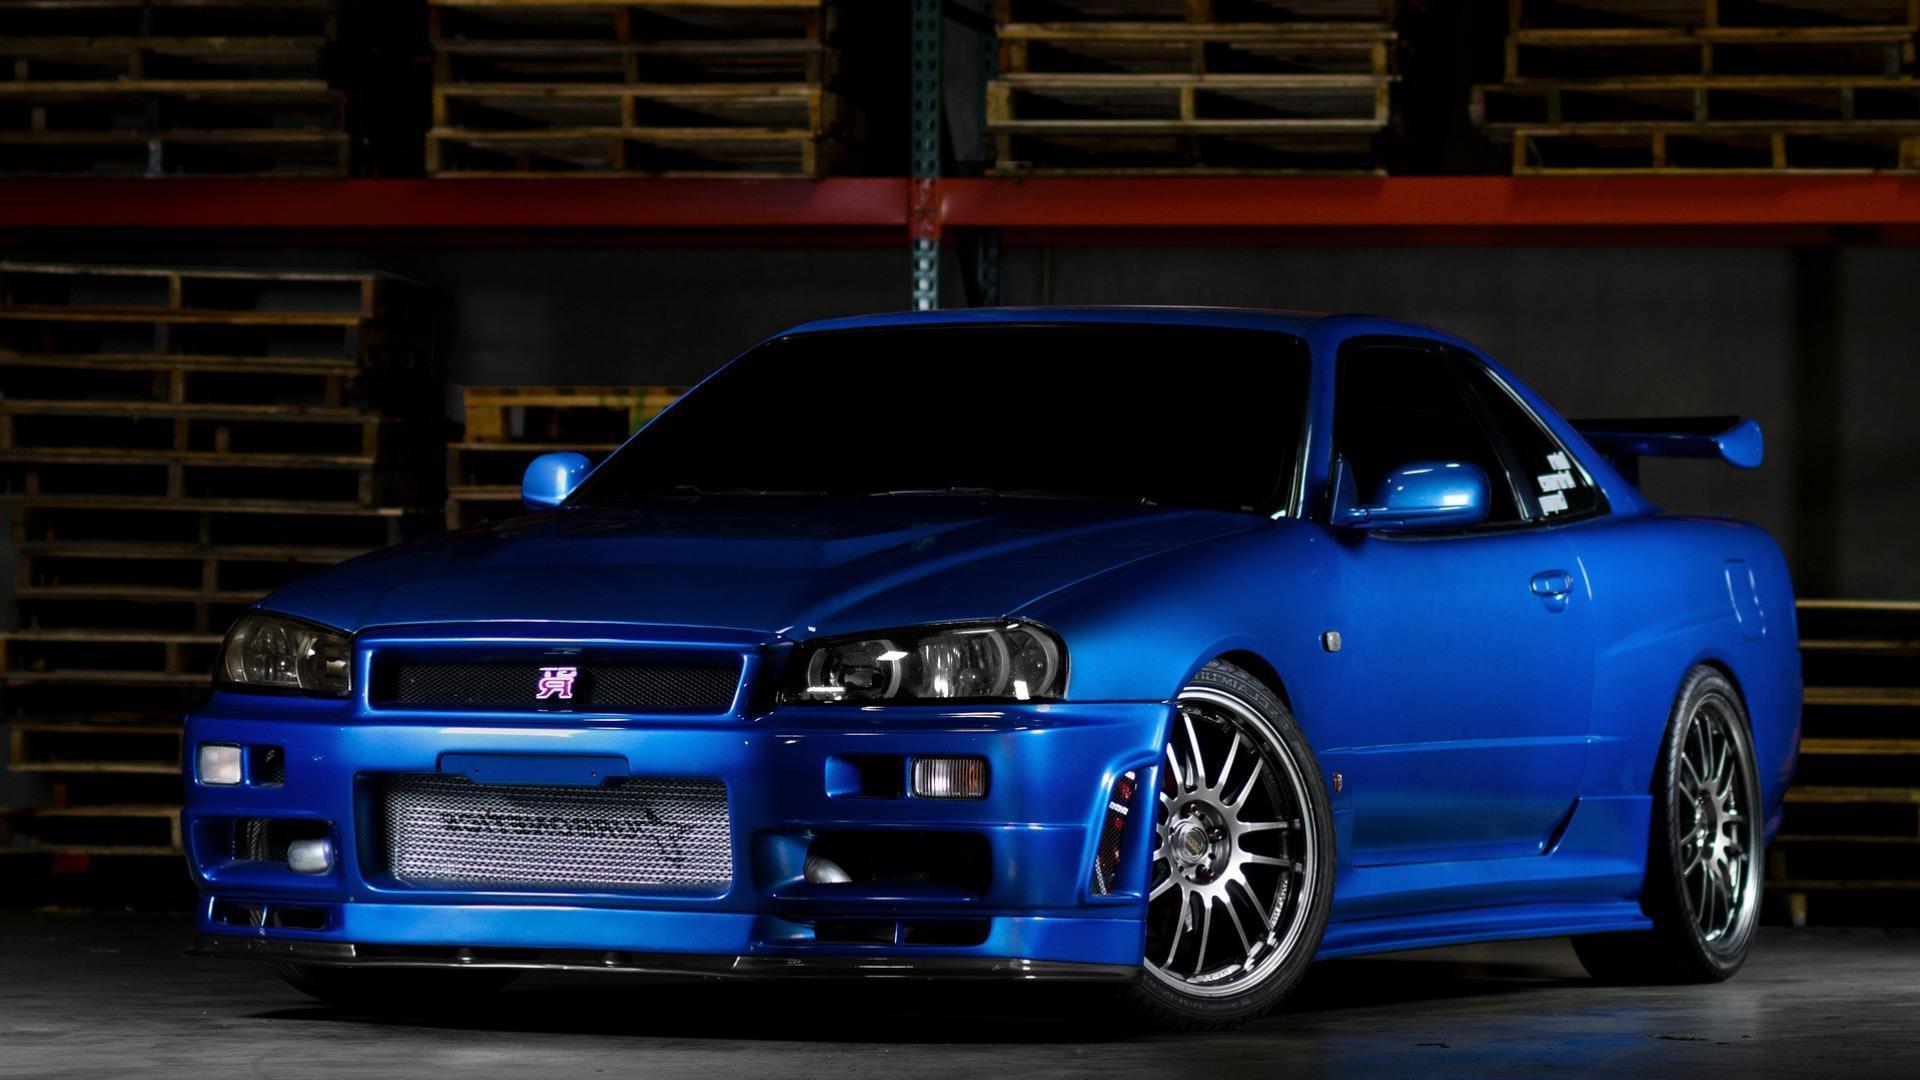 Nissan Skyline Gtr R34 Desktop Hd Wallpapers | Coches | Pinterest ...